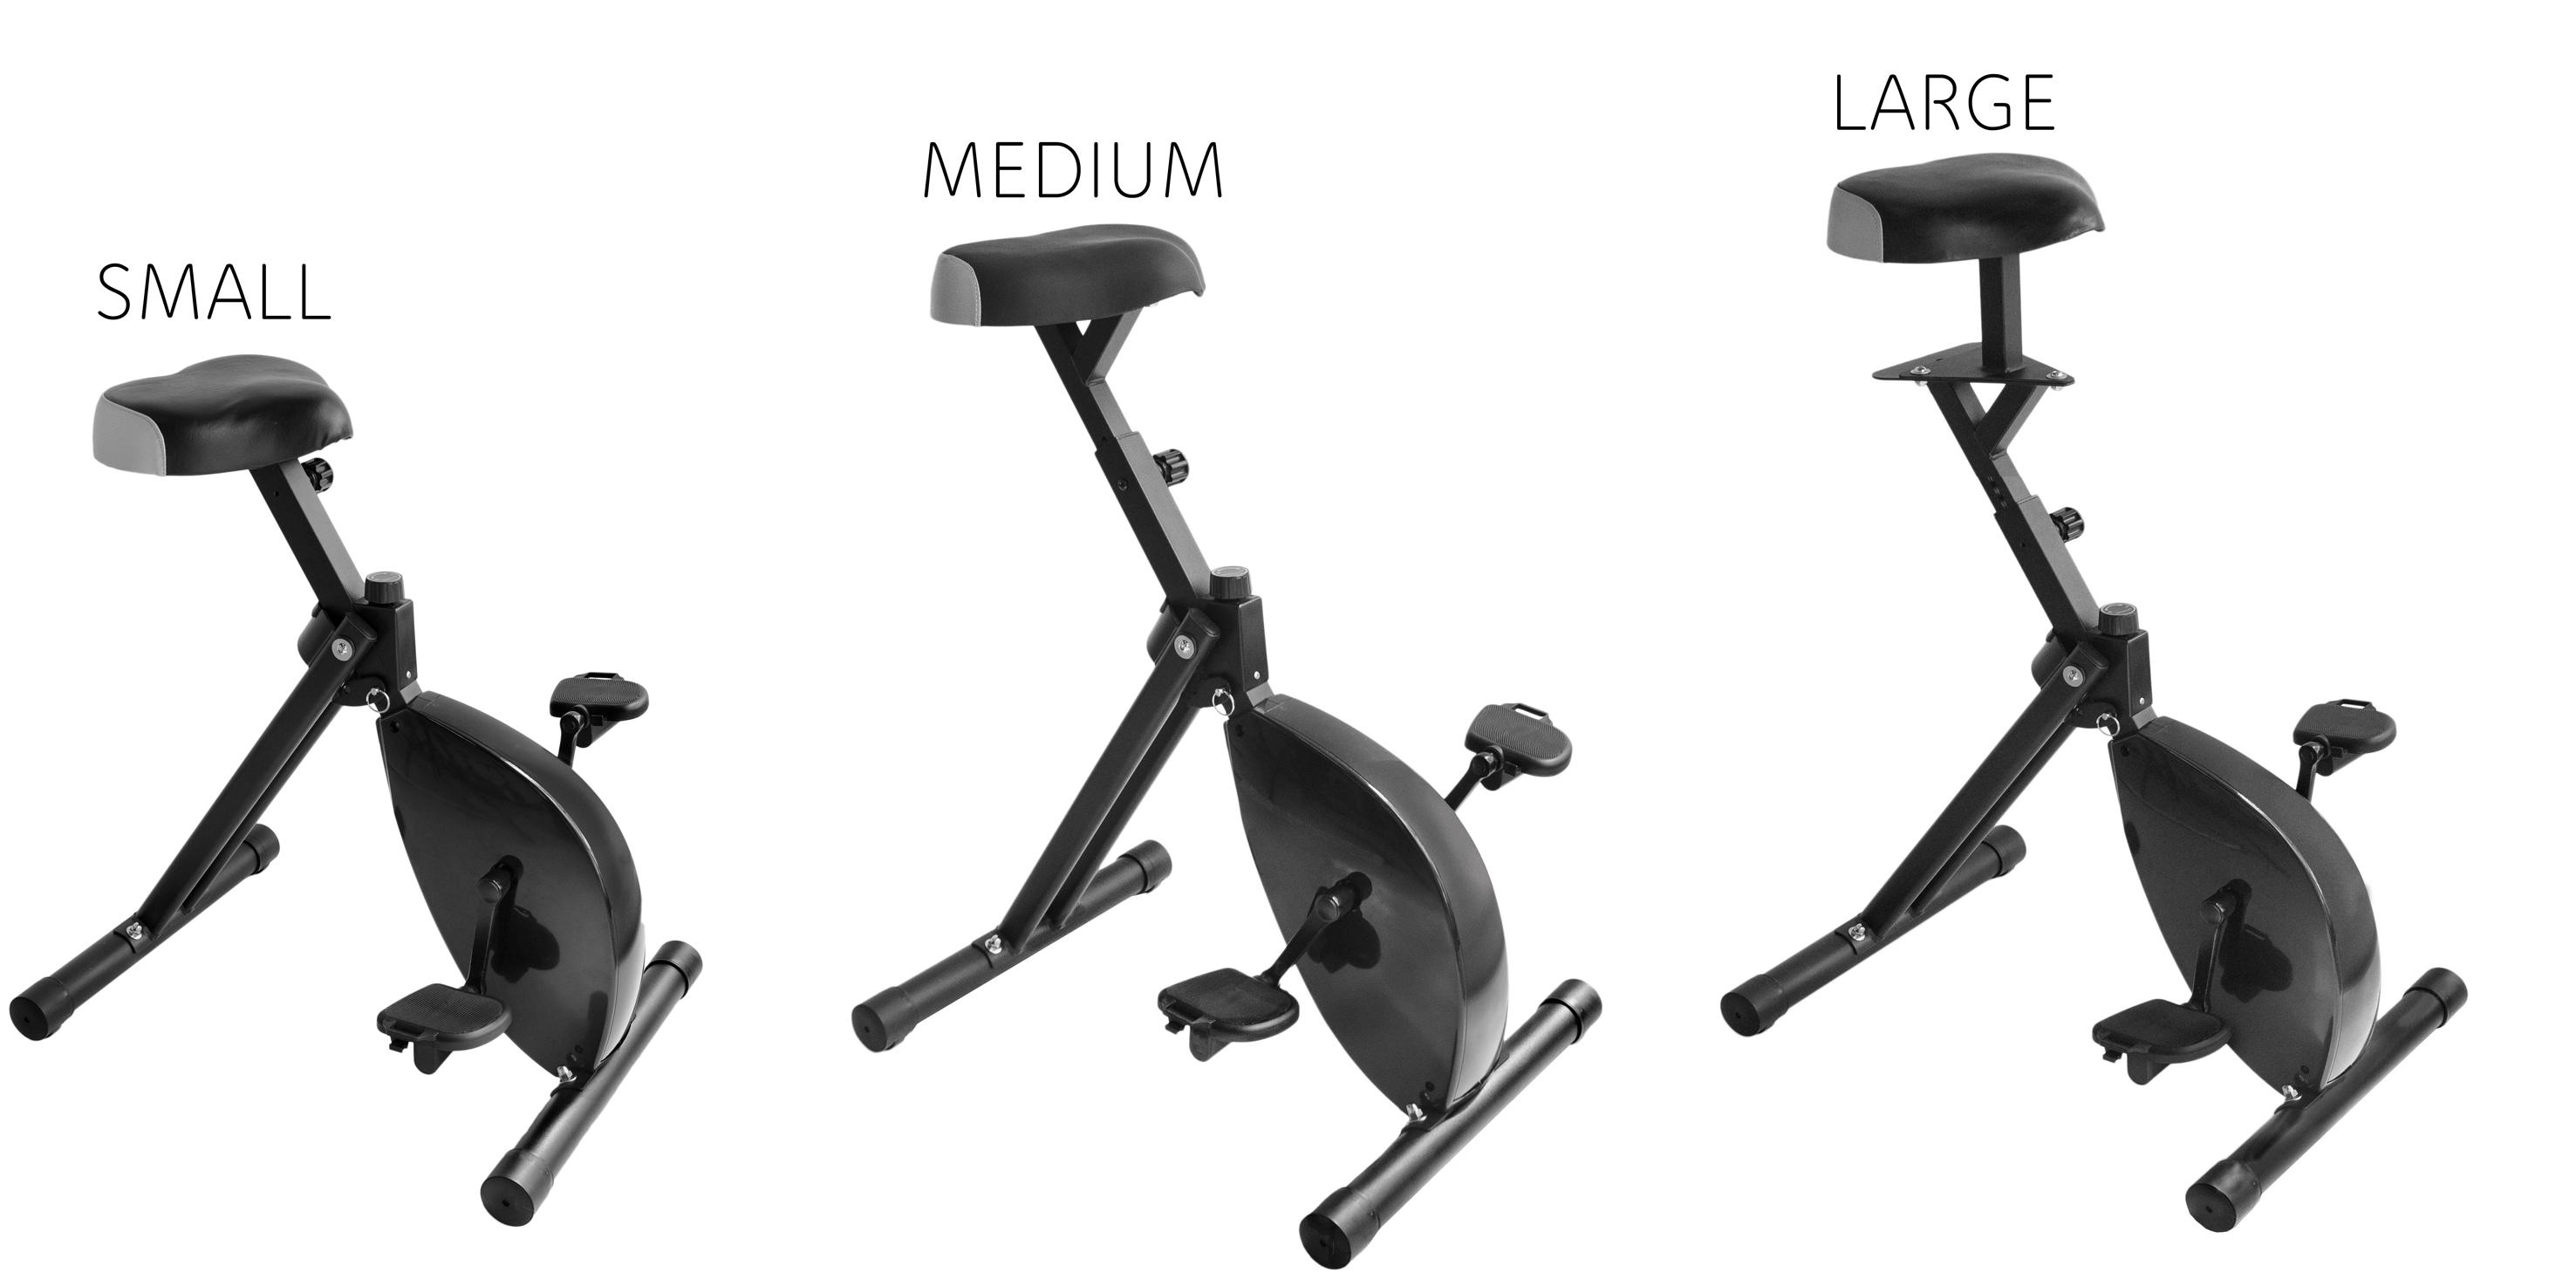 Deskbike Small Medium Large